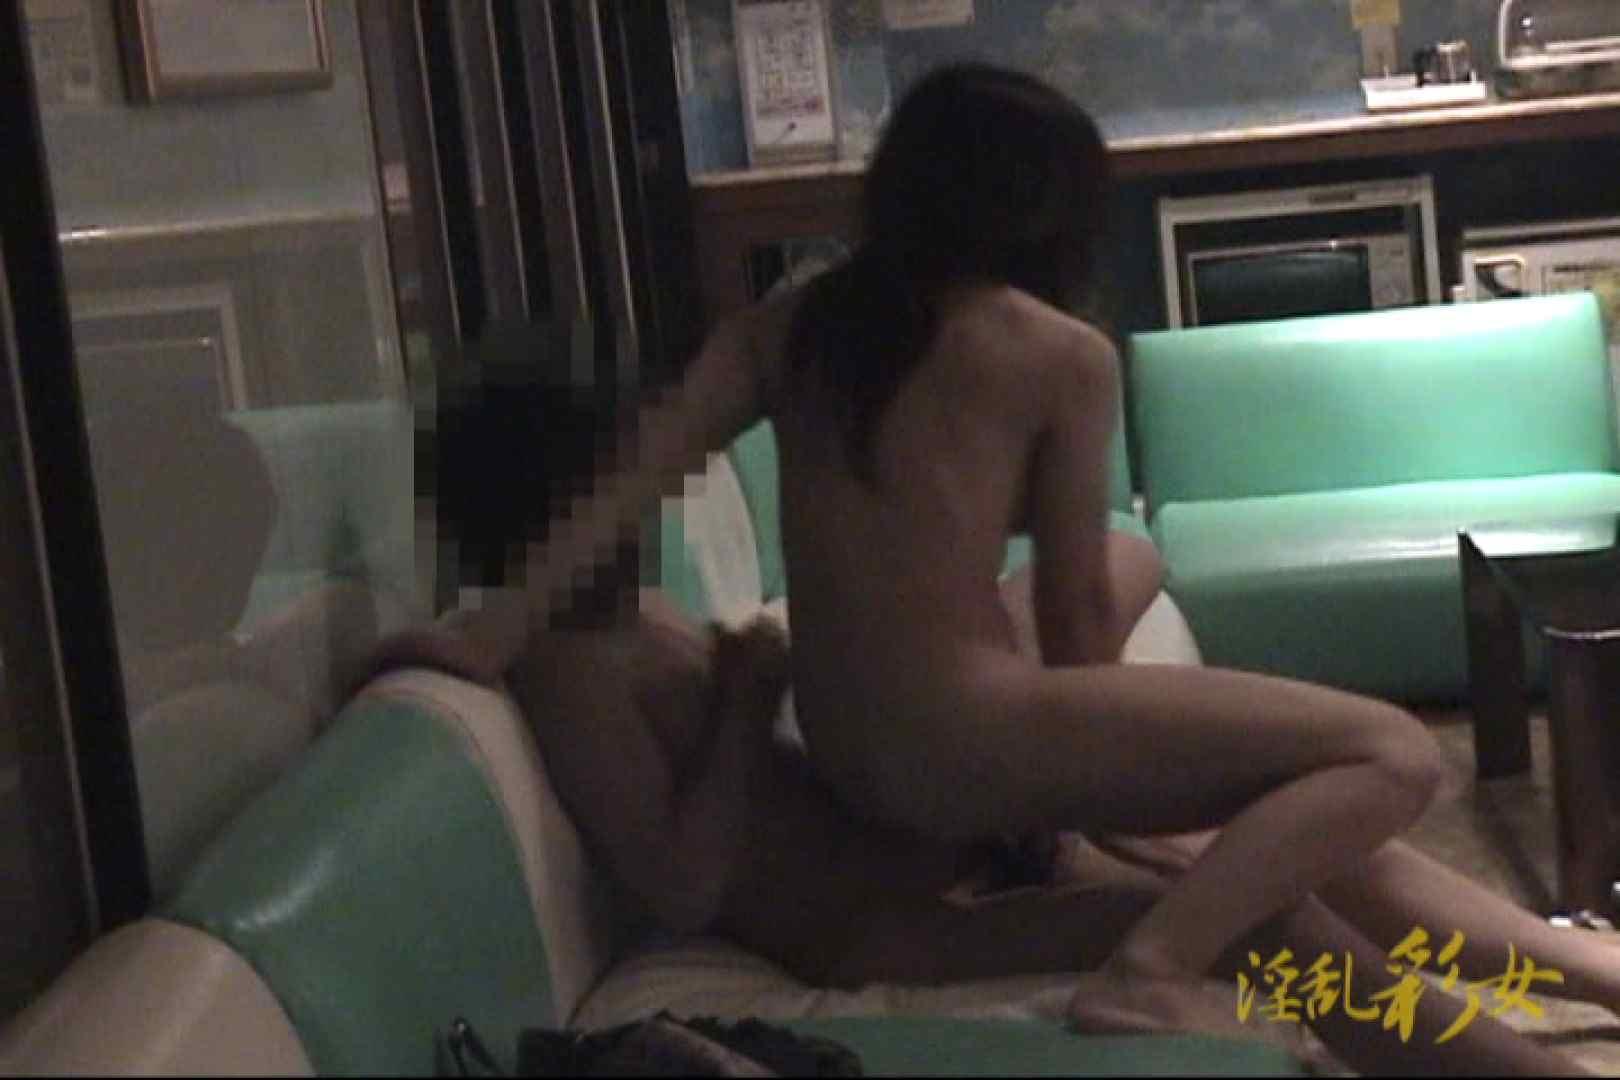 淫乱彩女 麻優里 ホテルで3P絶倫編2 一般投稿  111pic 60